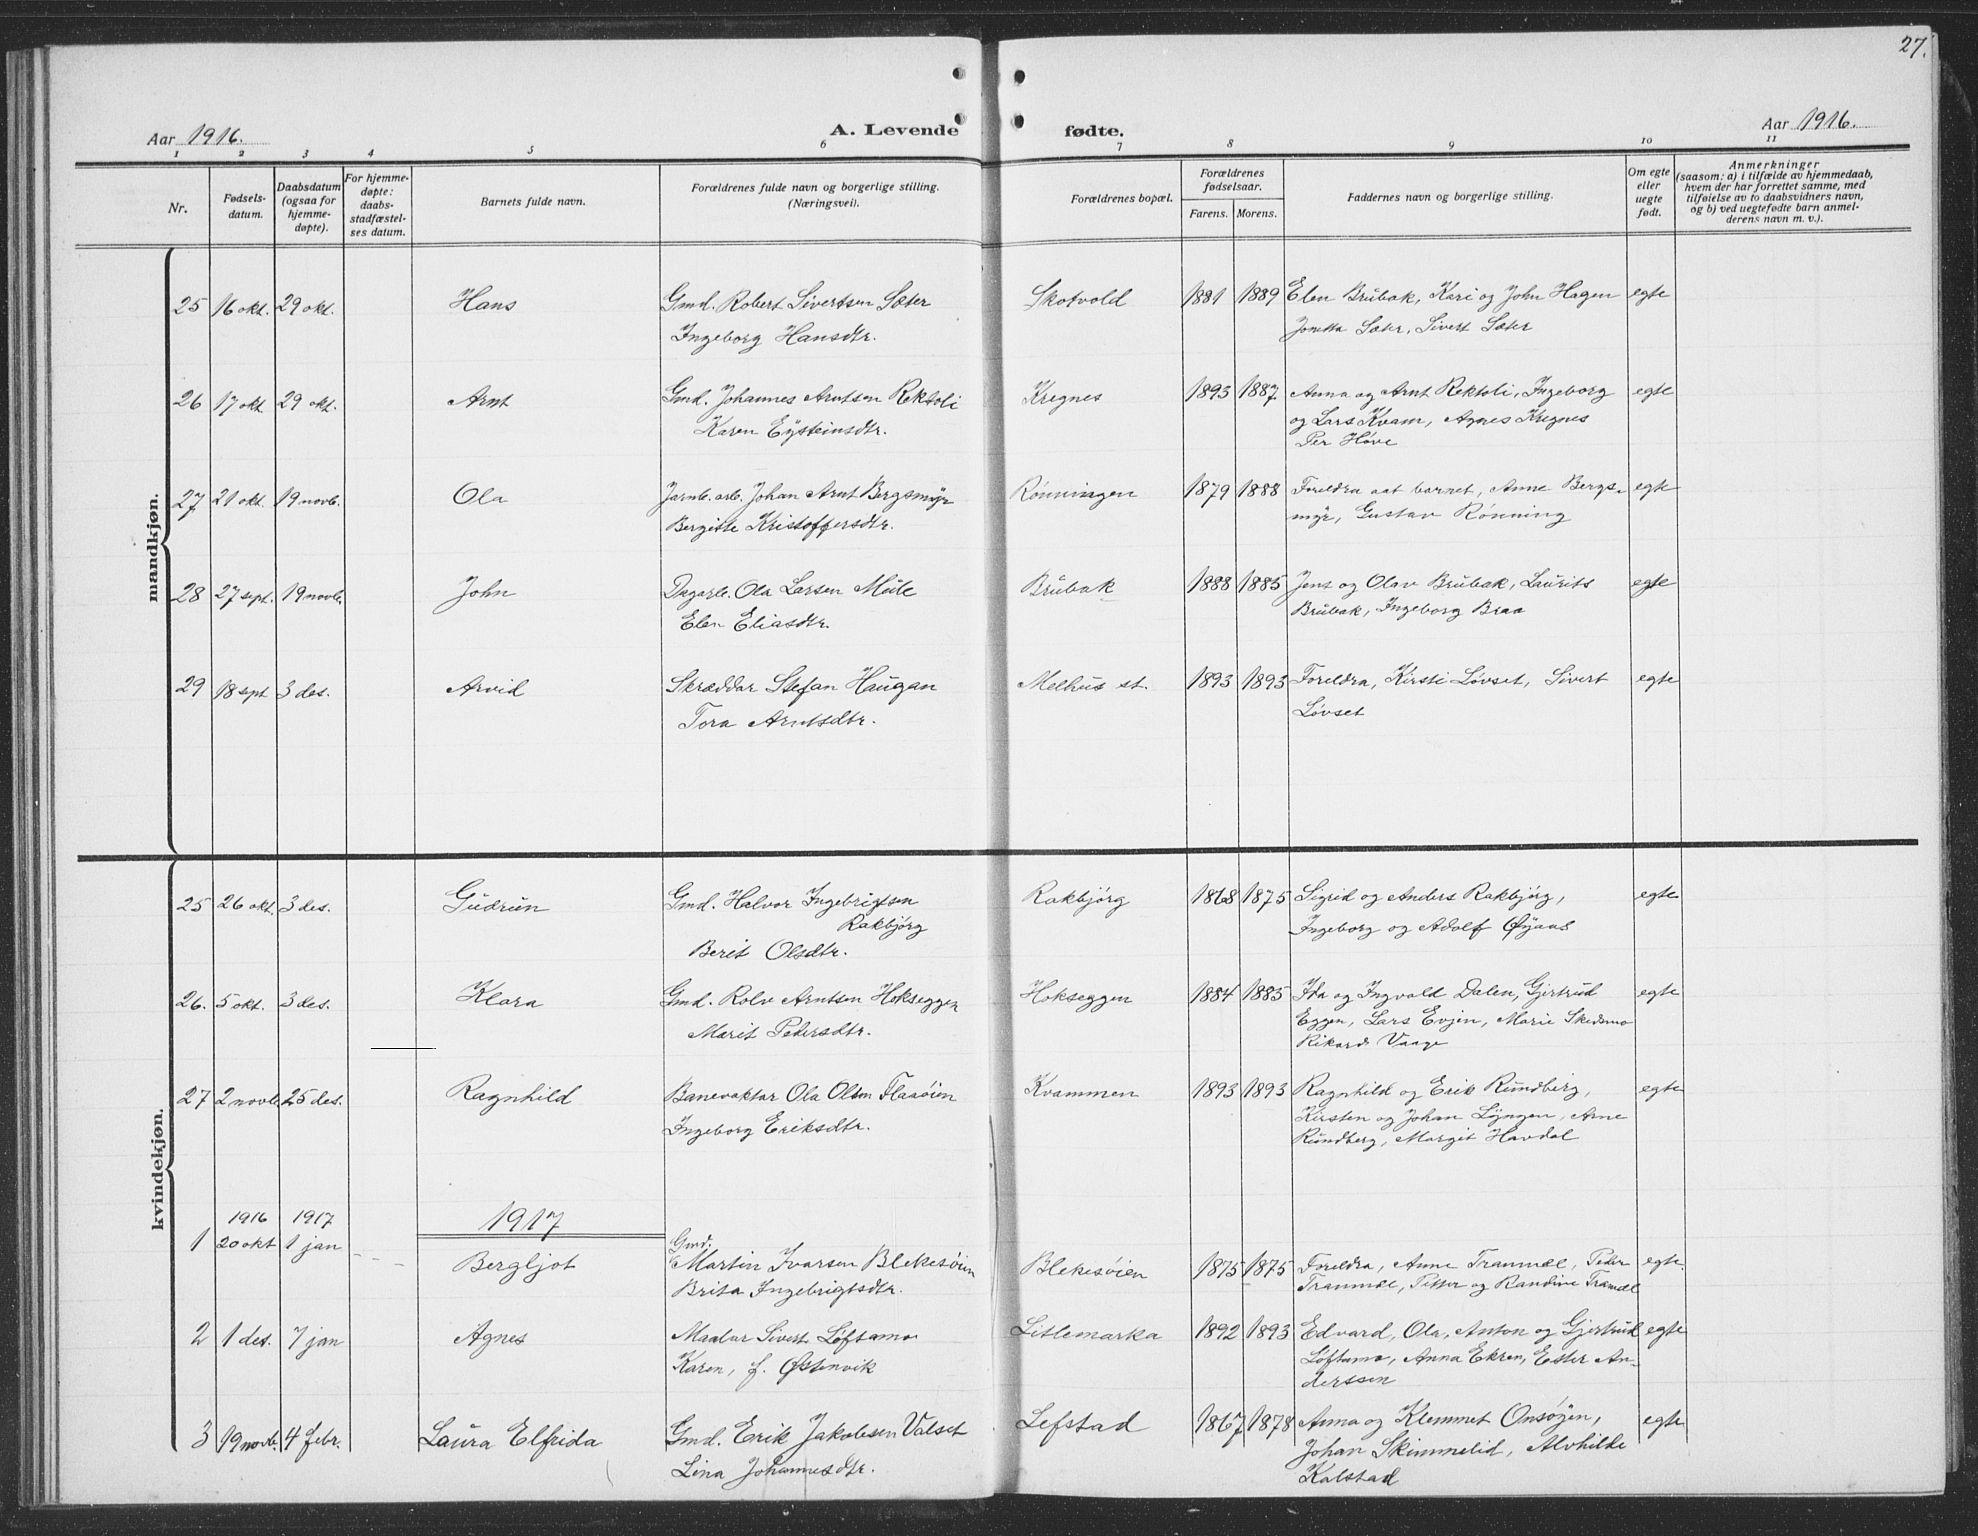 SAT, Ministerialprotokoller, klokkerbøker og fødselsregistre - Sør-Trøndelag, 691/L1095: Klokkerbok nr. 691C06, 1912-1933, s. 27